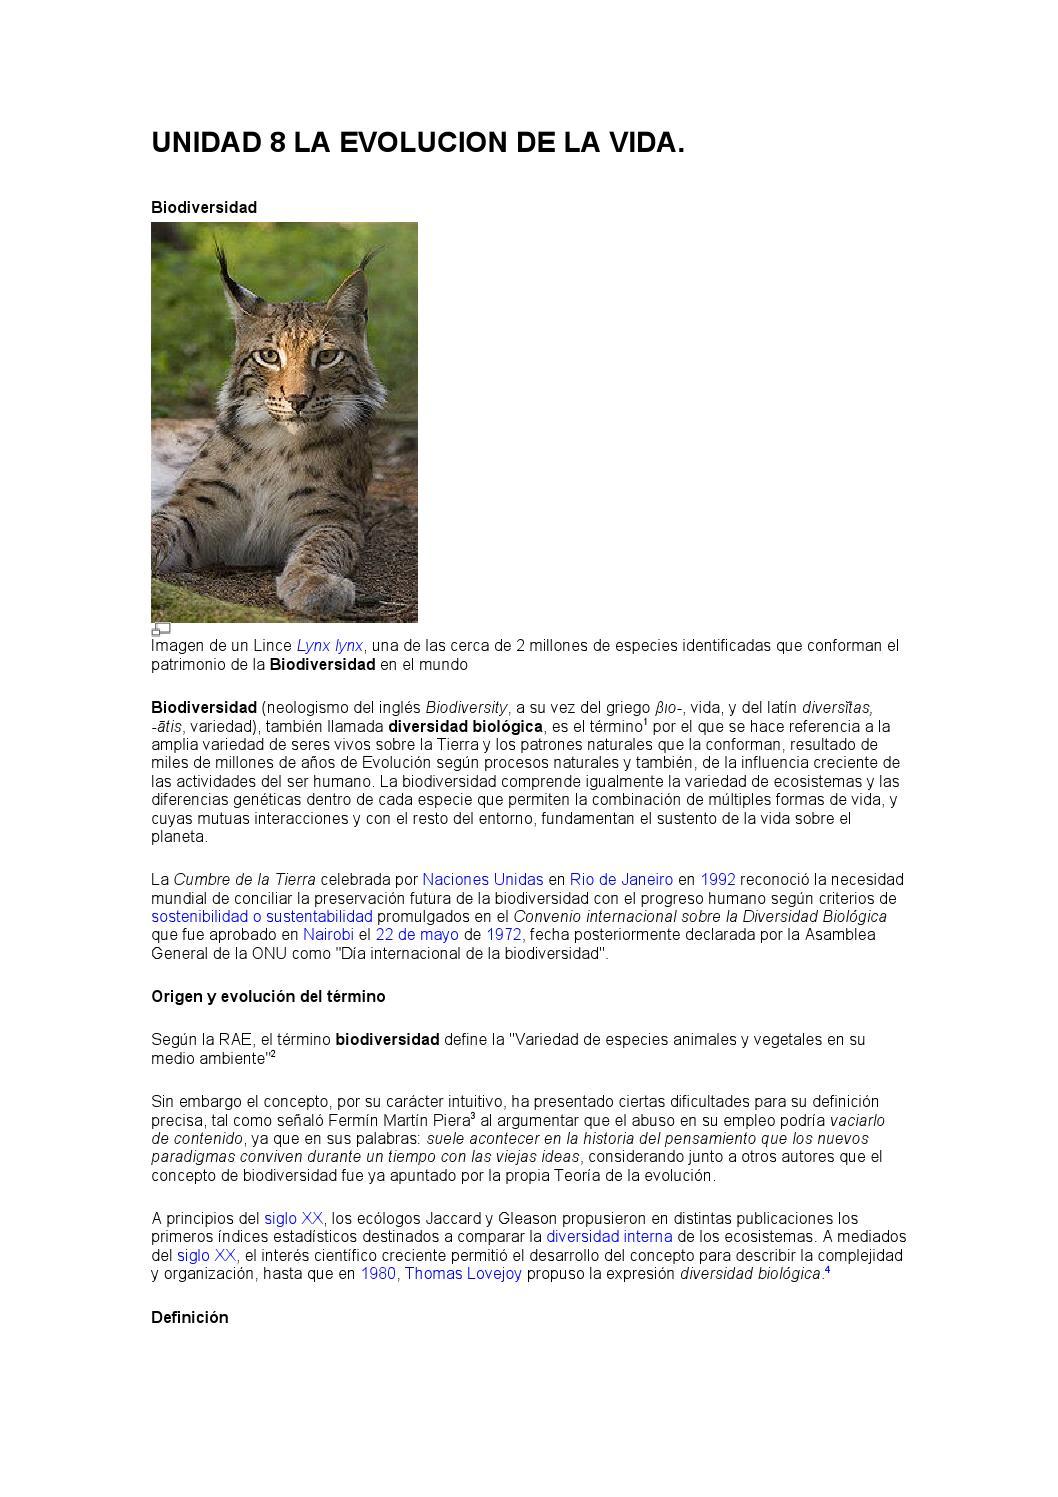 Unidad 8 la evolucion de la vida by bety459 - issuu